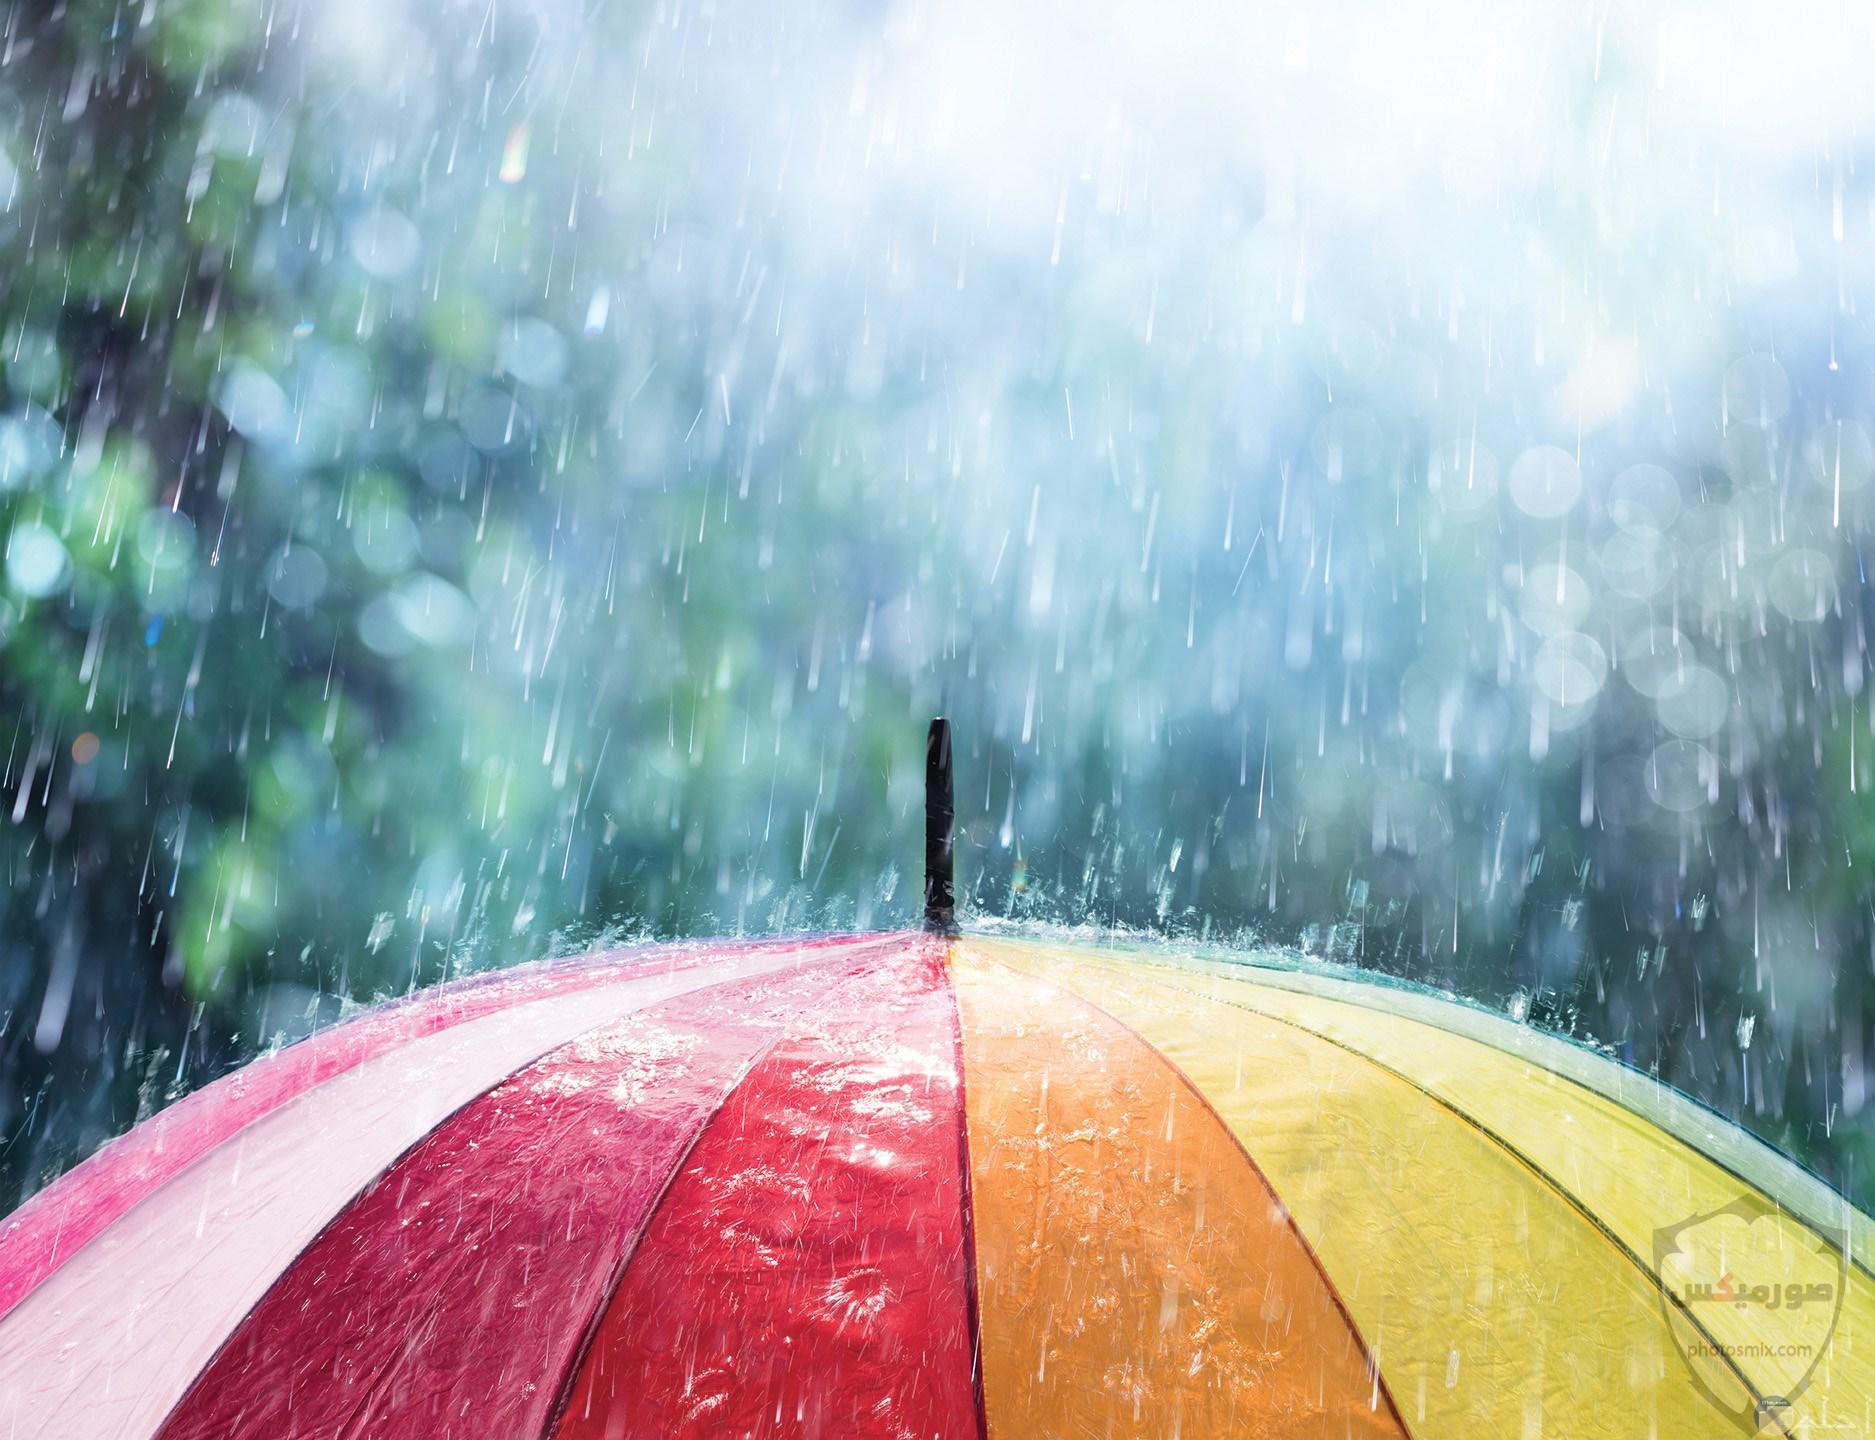 صور مطر جميلة اجمل خلفيات قطرات المطر ادعية عن الامطار والشتاء 10 1